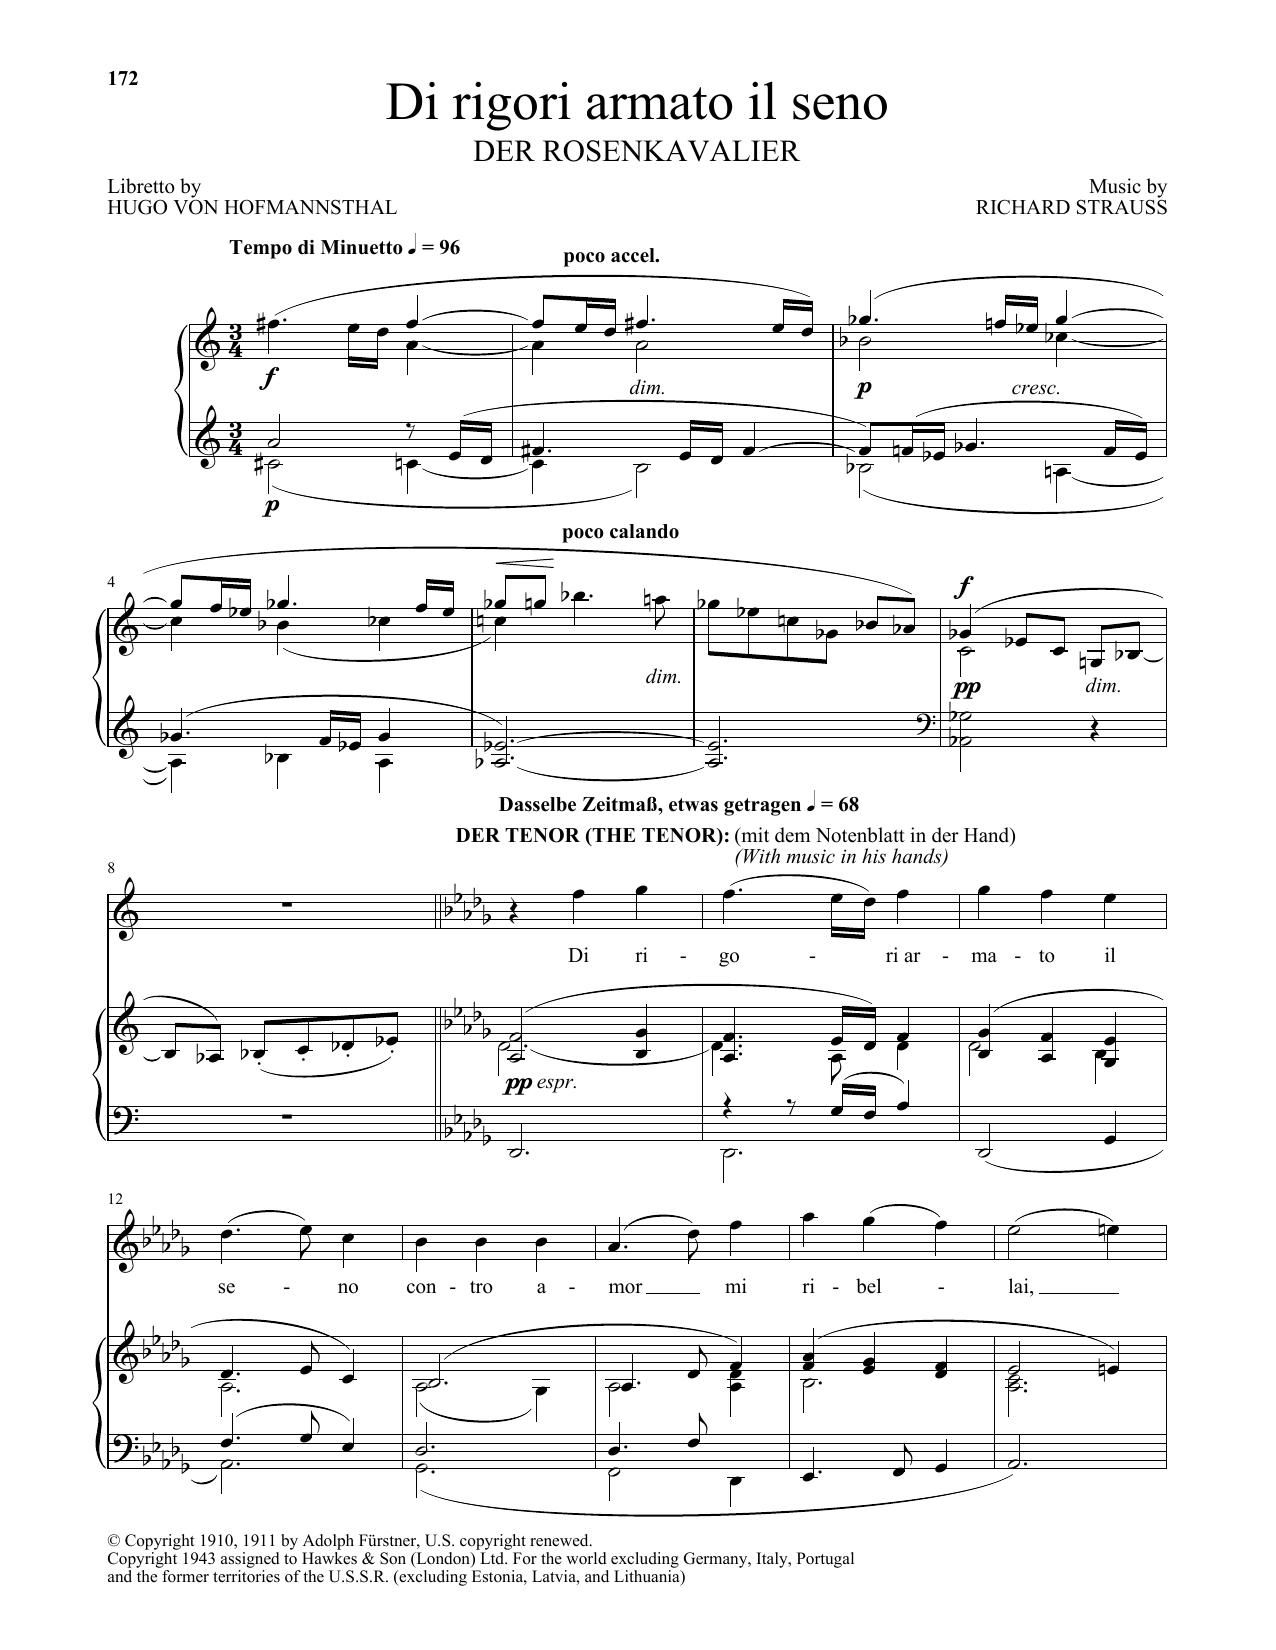 Di Rigori Armato Il Seno (Piano & Vocal)